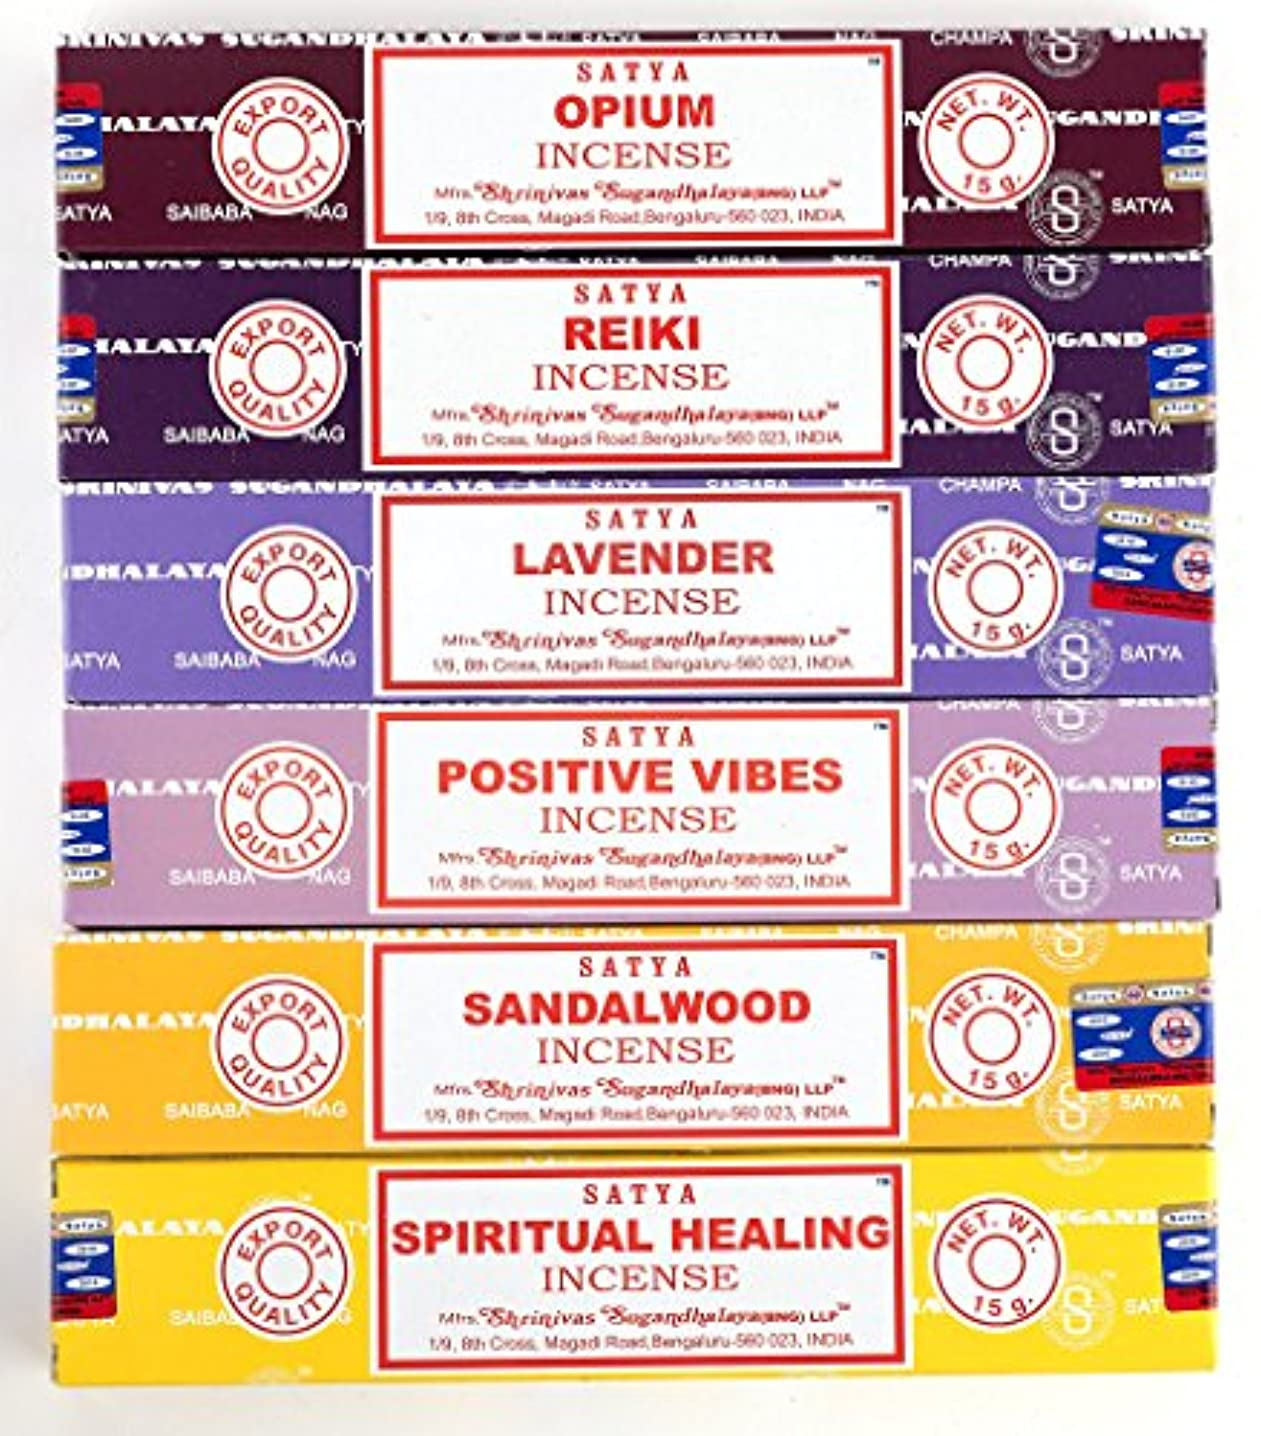 にやにや作成する有益なNag Champa 6 Piece Variety Pack – Opium、レイキ、ラベンダー、Positive Vibes、サンダルウッド、Spiritual Healing